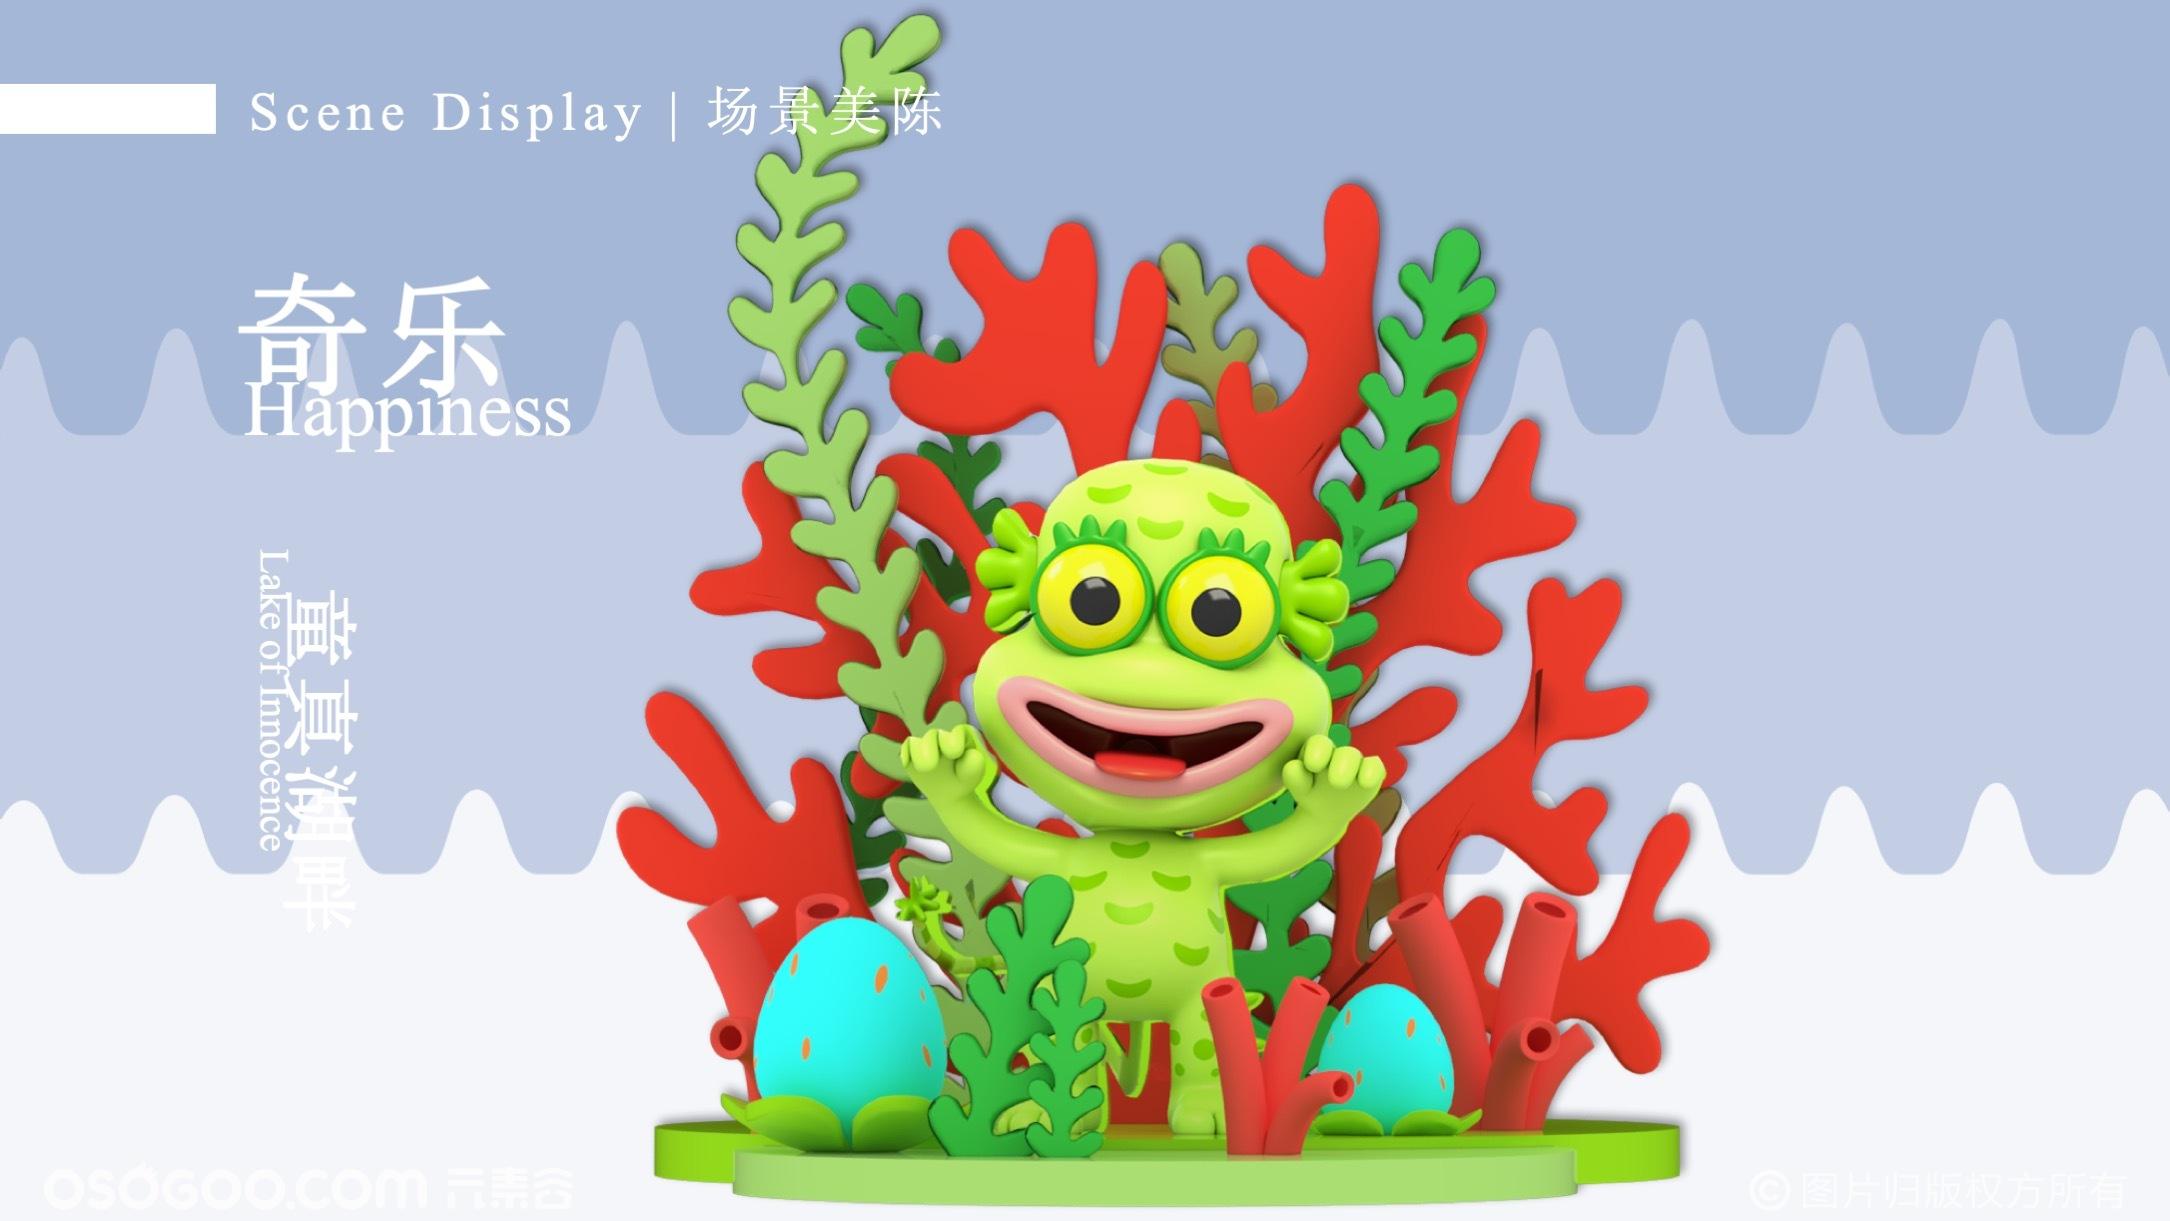 【星际伊甸园】奥地利3d艺术家特鲁多奥.巴迪乌—感映艺术出品